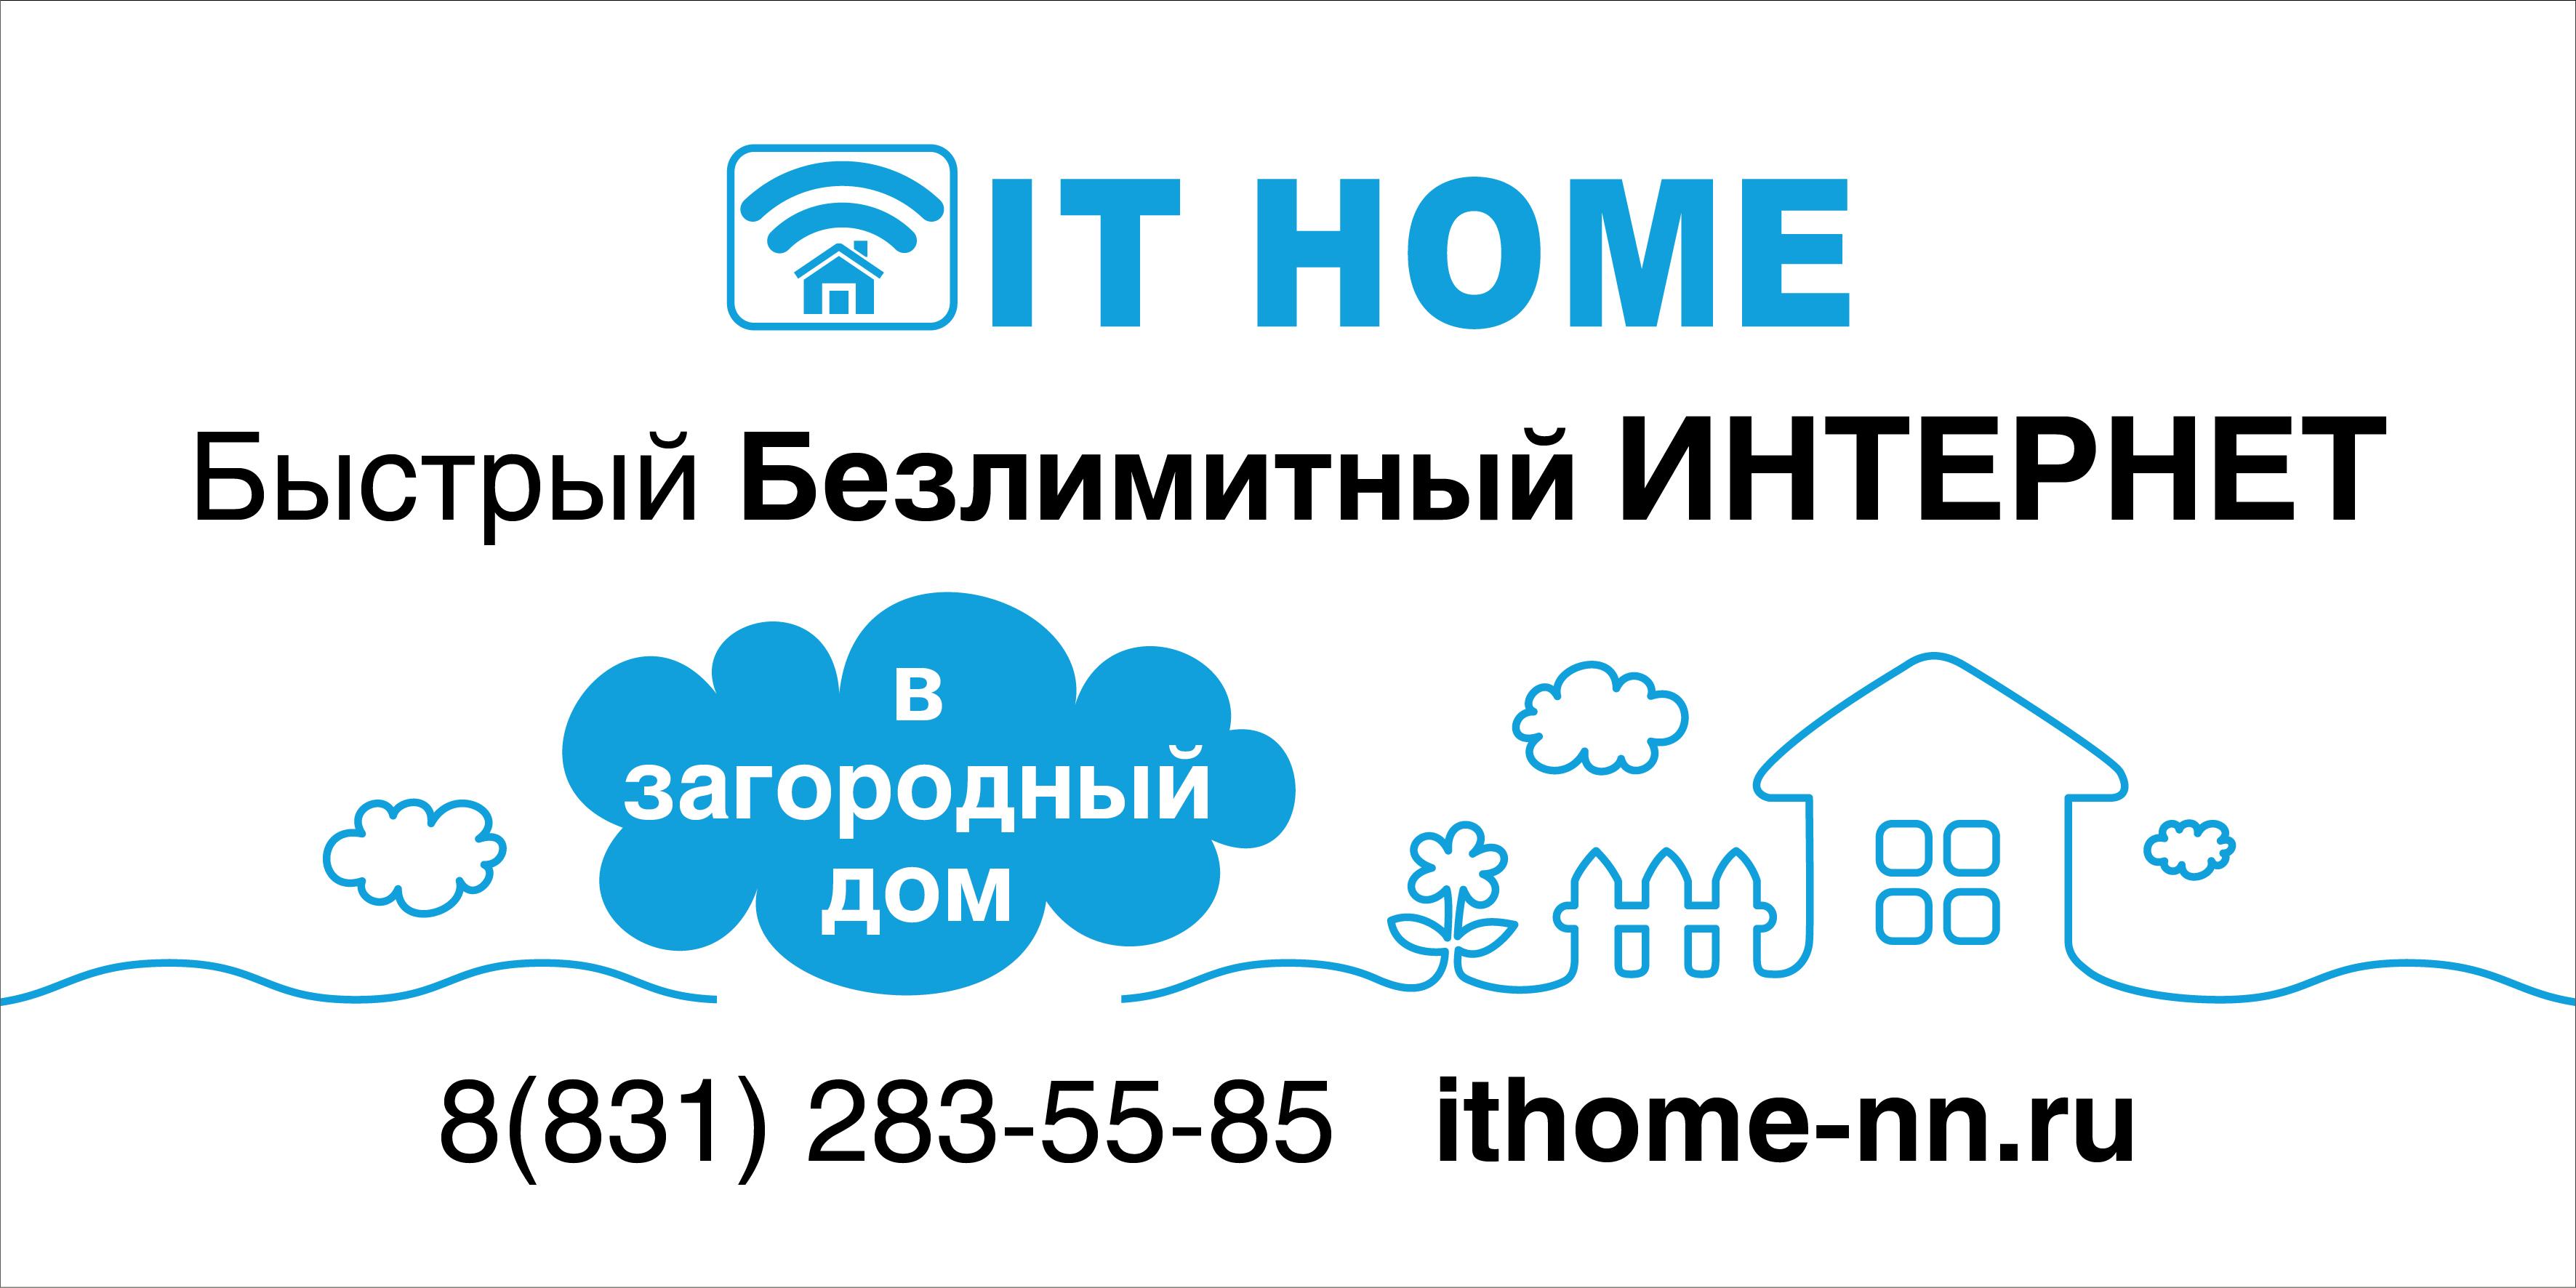 Быстрый безлимитный интернет/дома/за городом/в коттедже/усиление сотового сигнала/видеонаблюдение/охрана/телевидение